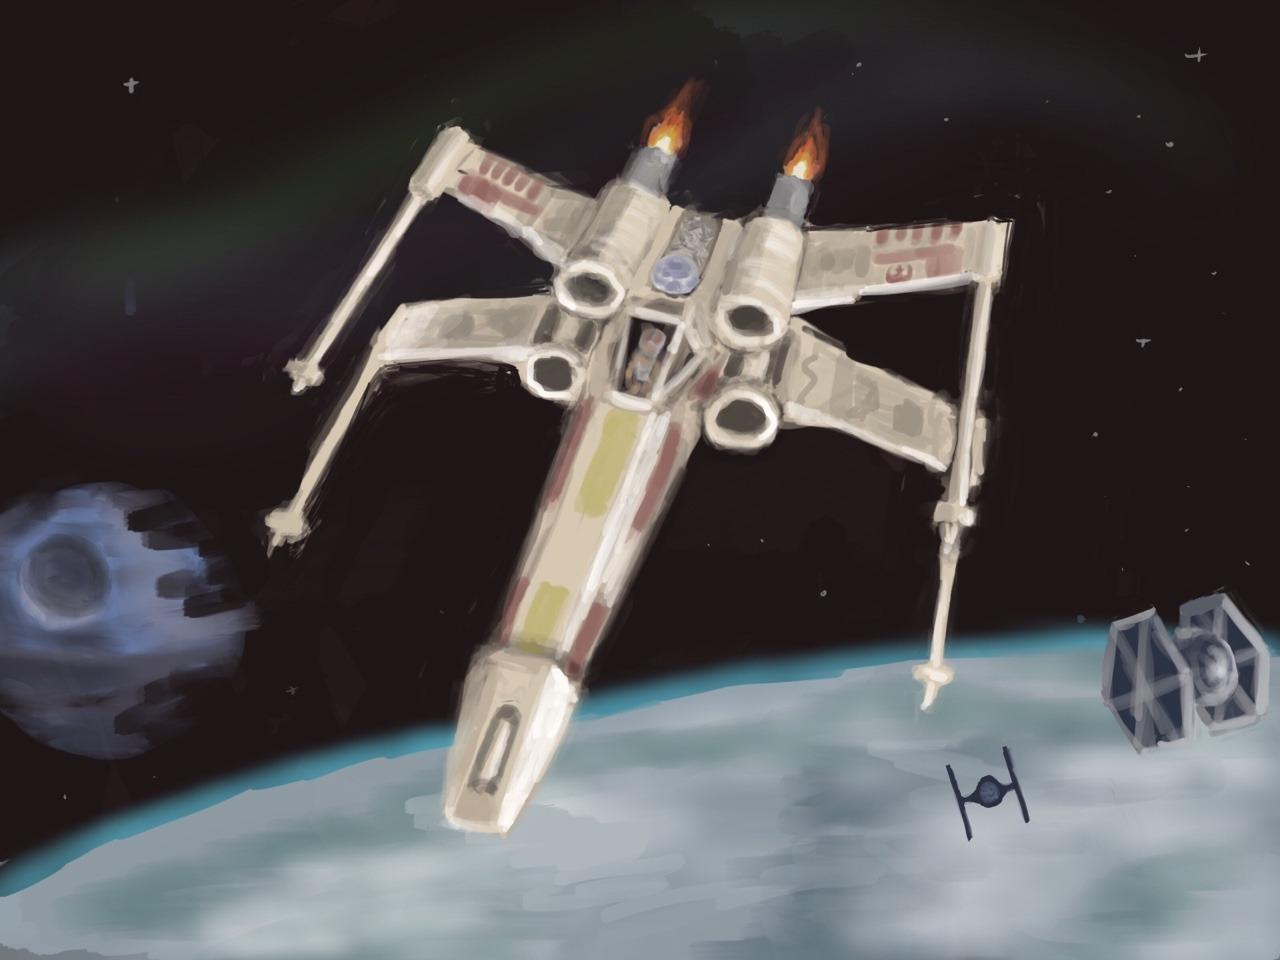 Drawn jam As friend spaceship Vu to